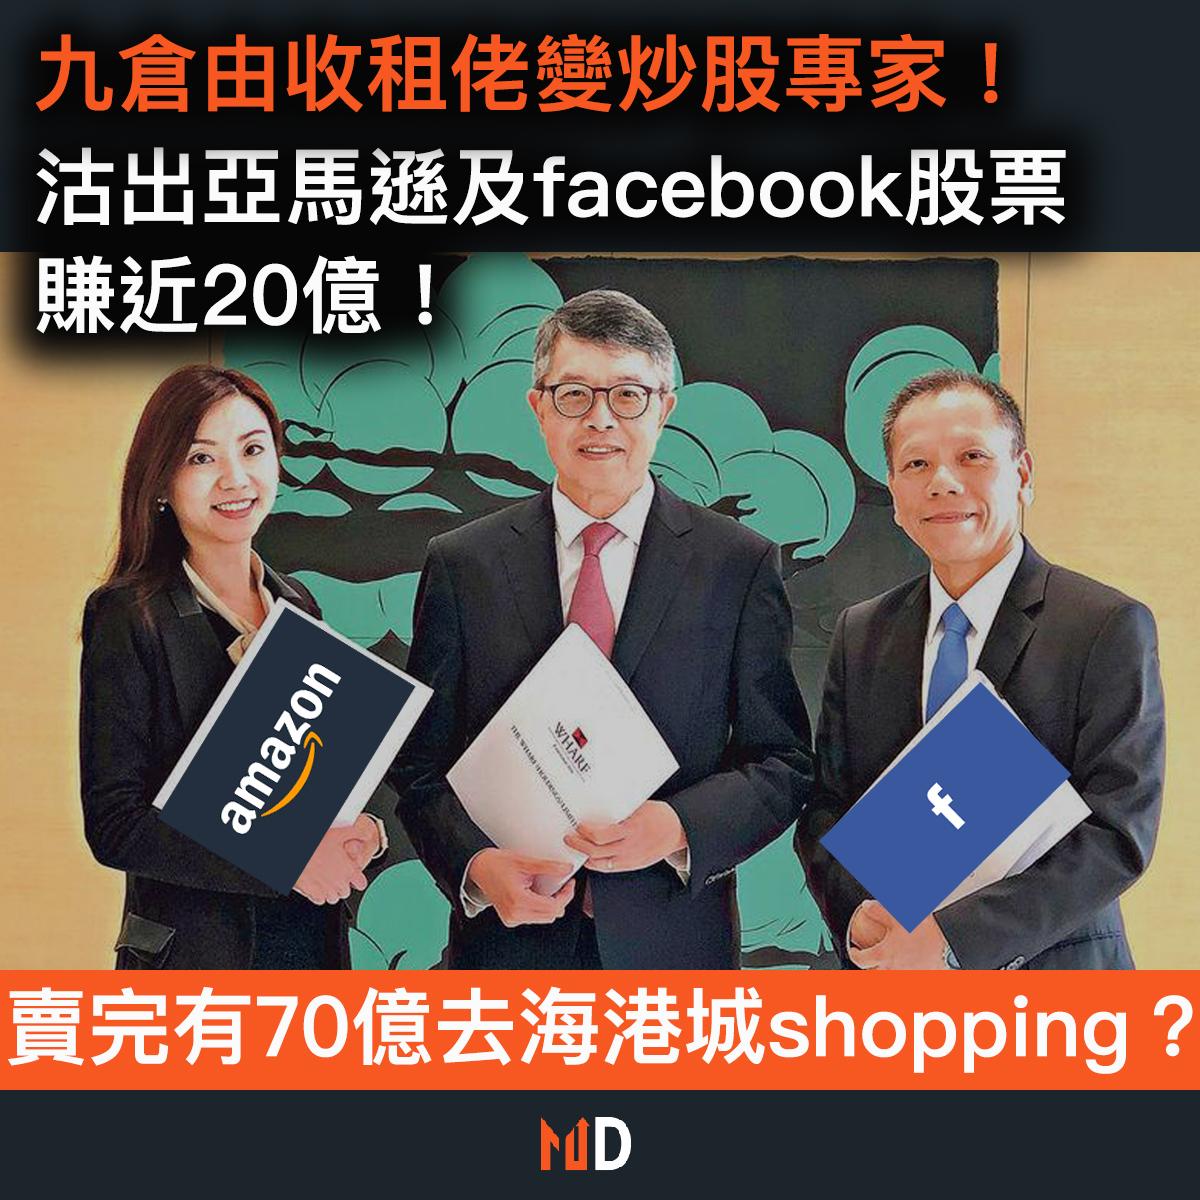 【市場熱話】九倉由收租佬變炒股專家!沽出亞馬遜及facebook股票賺近20億